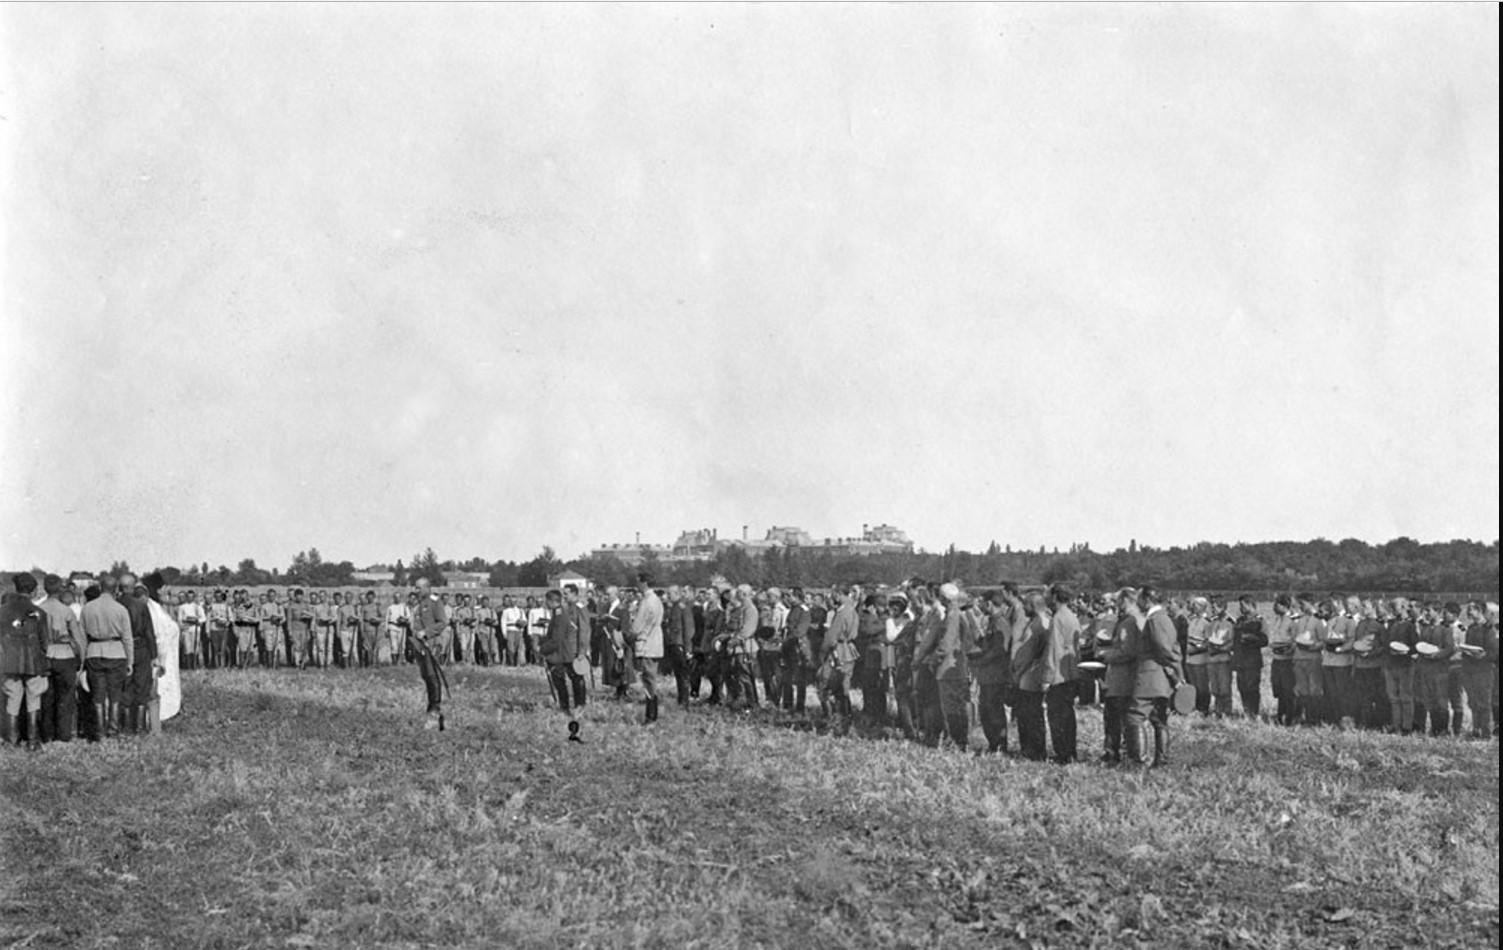 Празднование Дня авиации 20 июля 1919 в г. Новочеркасске